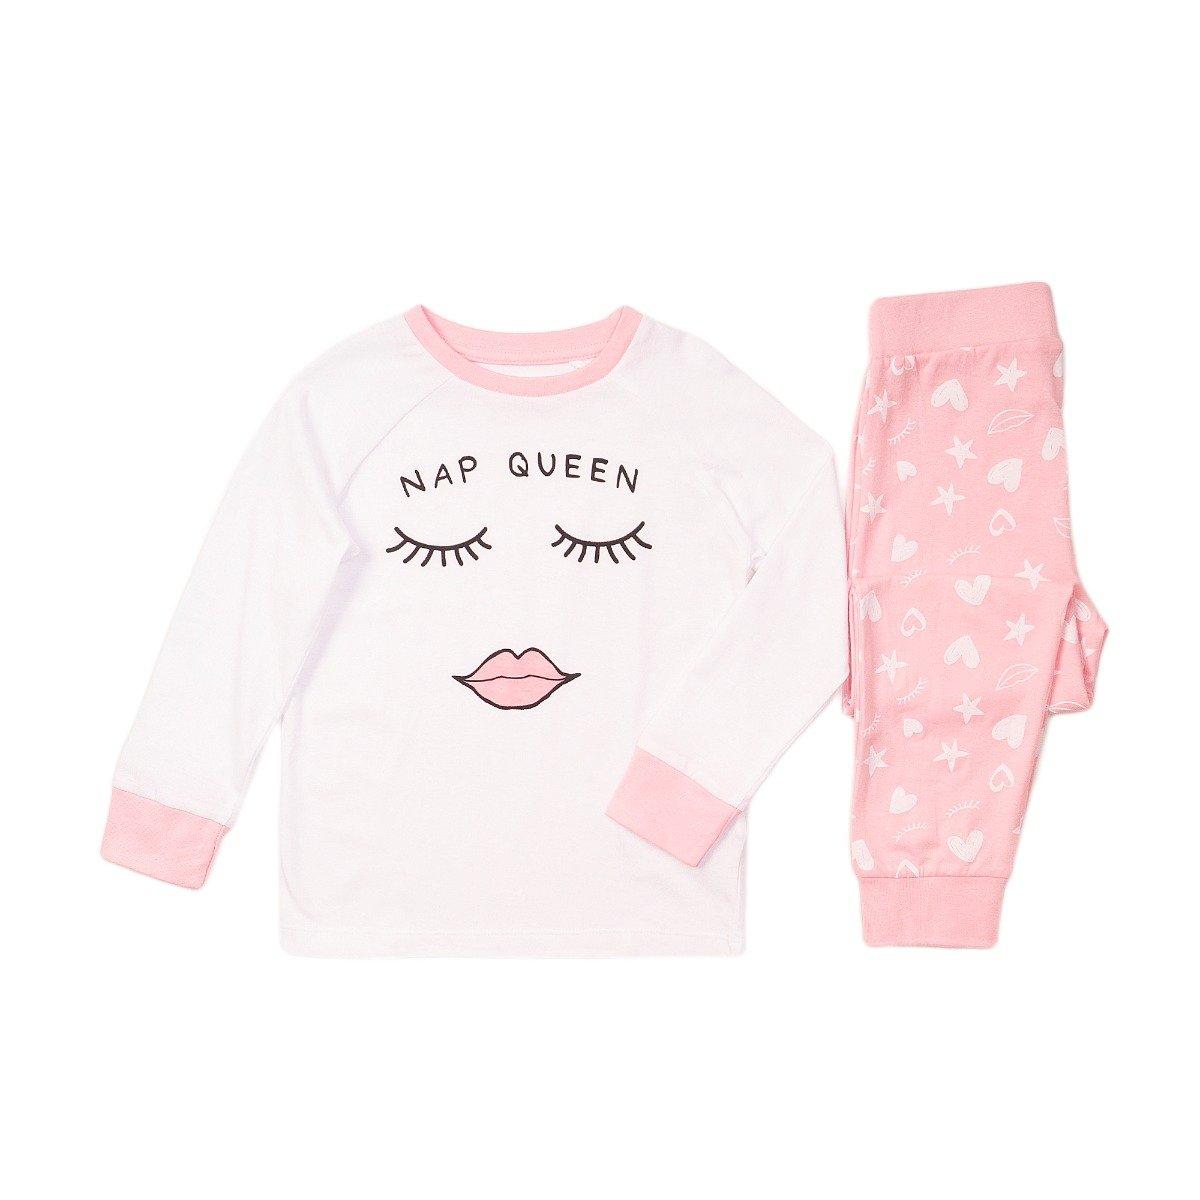 Pijama cu imprimeu Nap Queen Minoti Pyja